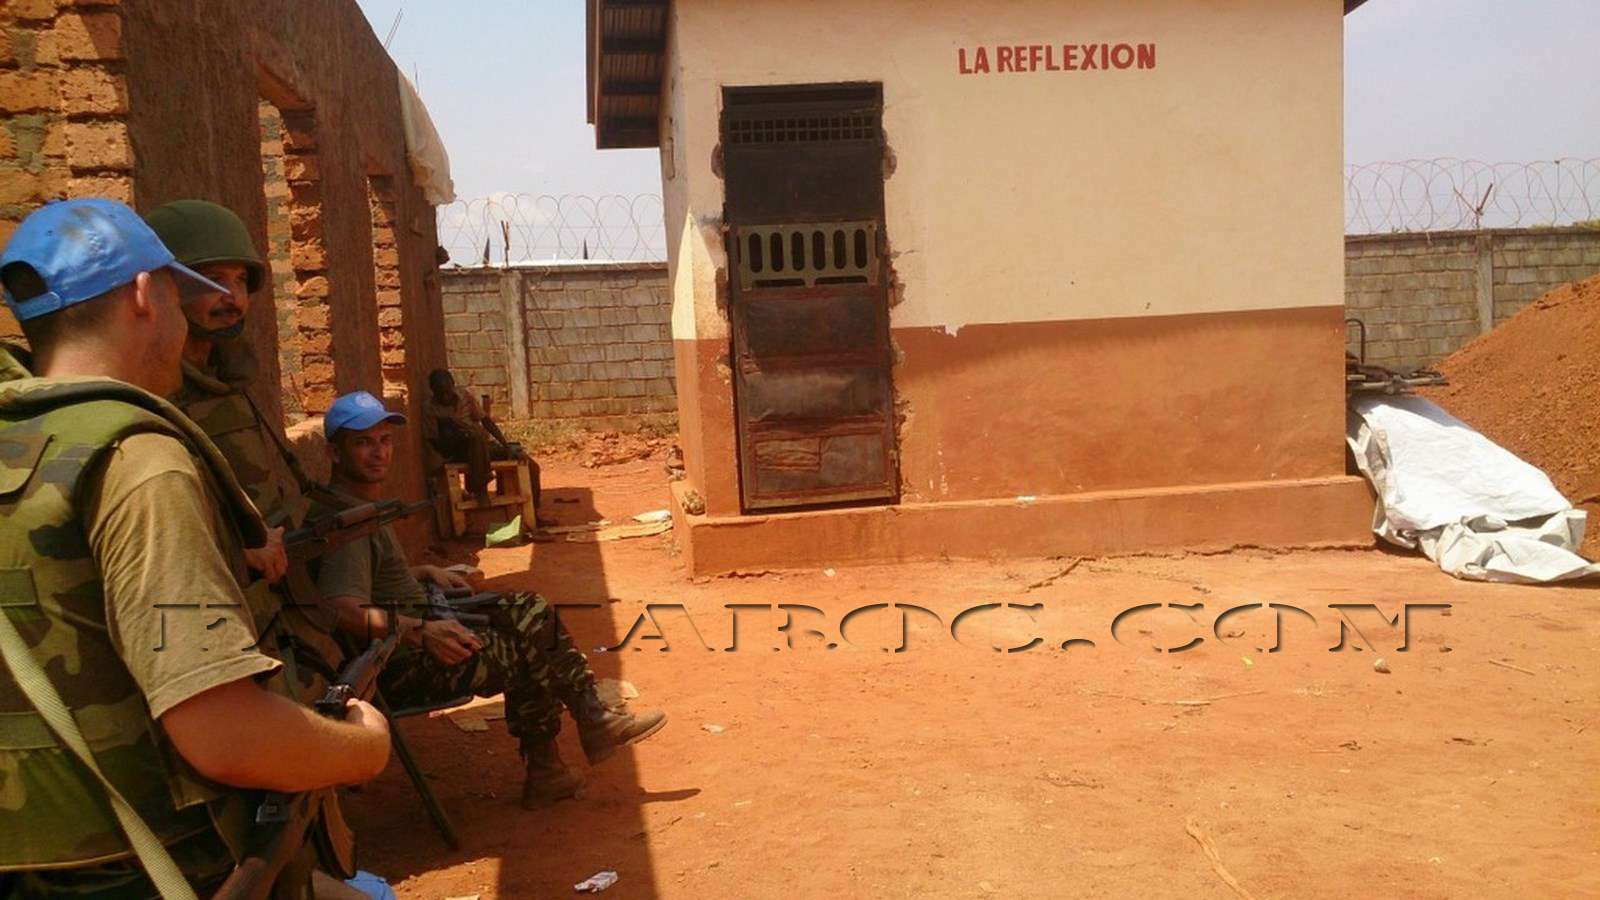 Maintien de la paix dans le monde - Les FAR en République Centrafricaine - RCA (MINUSCA) 610